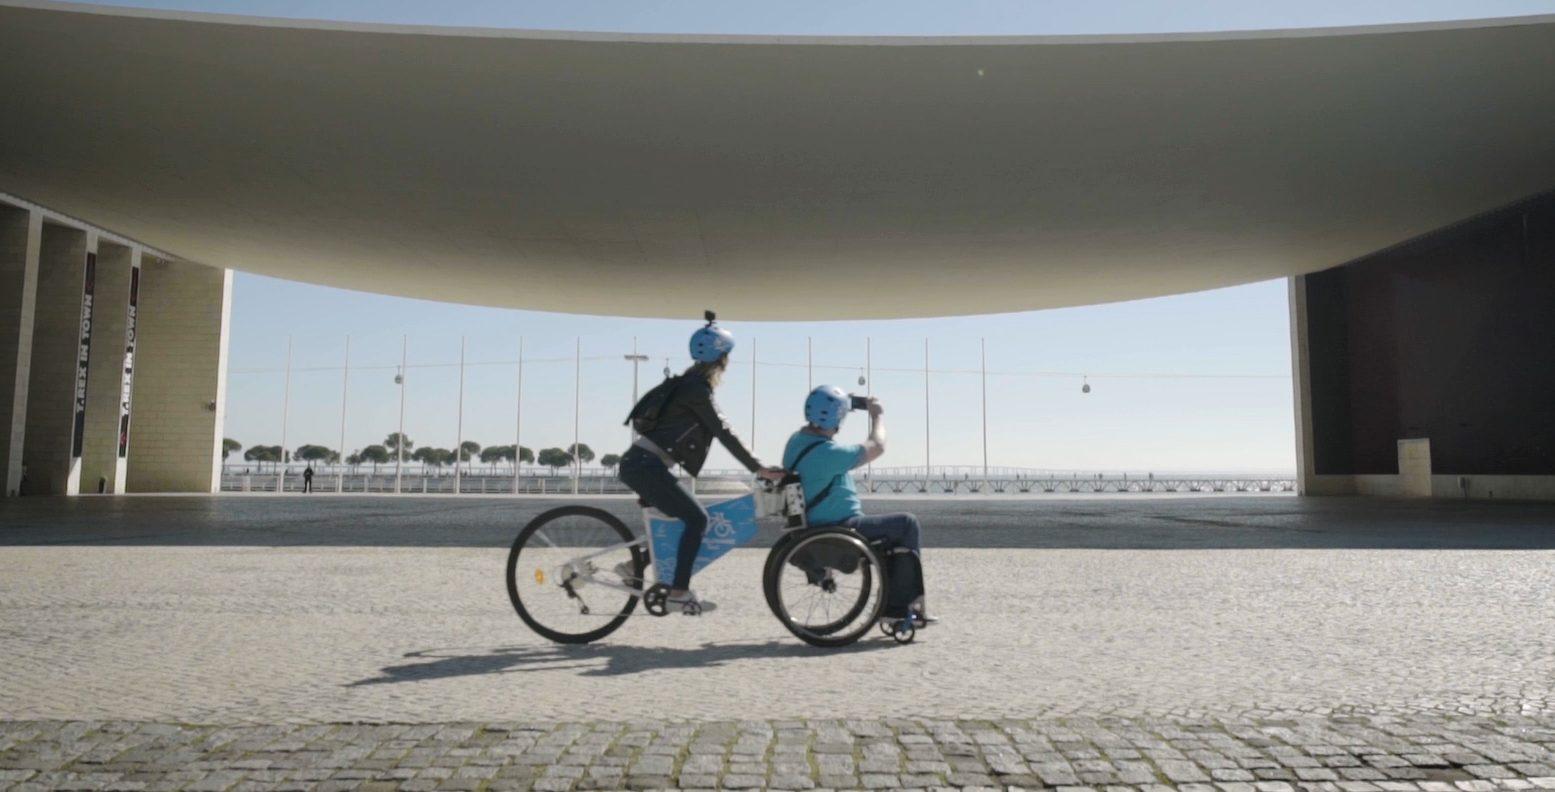 Turismo-inclusivo-com-as-Wheelchange-Tours-5-e1558003849871.jpg